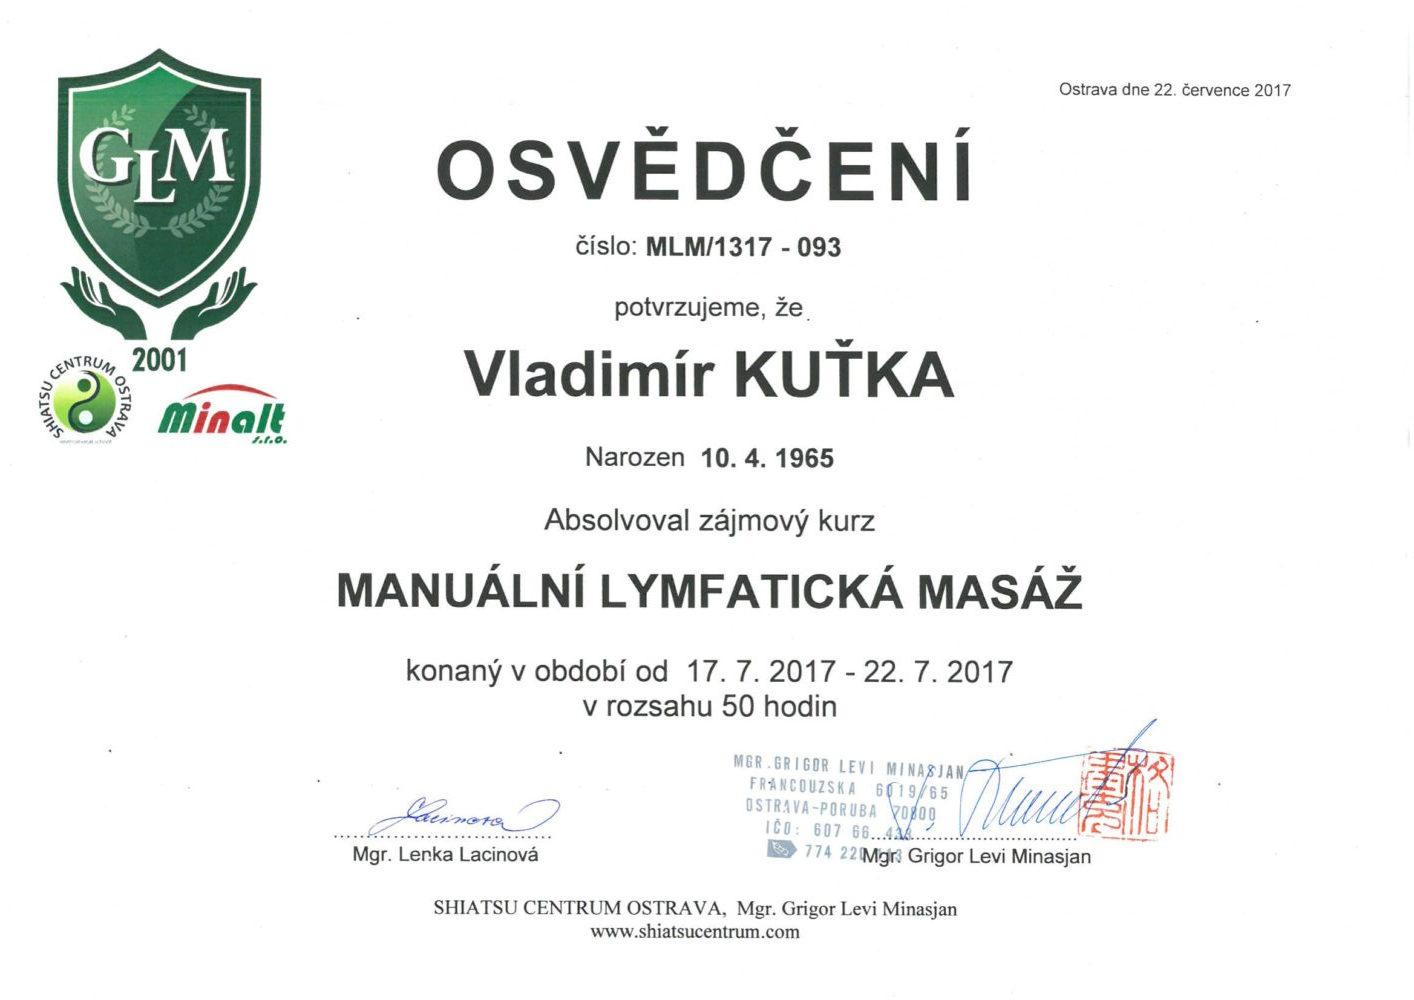 manuální lymfatická masáž - certifikát Karviná